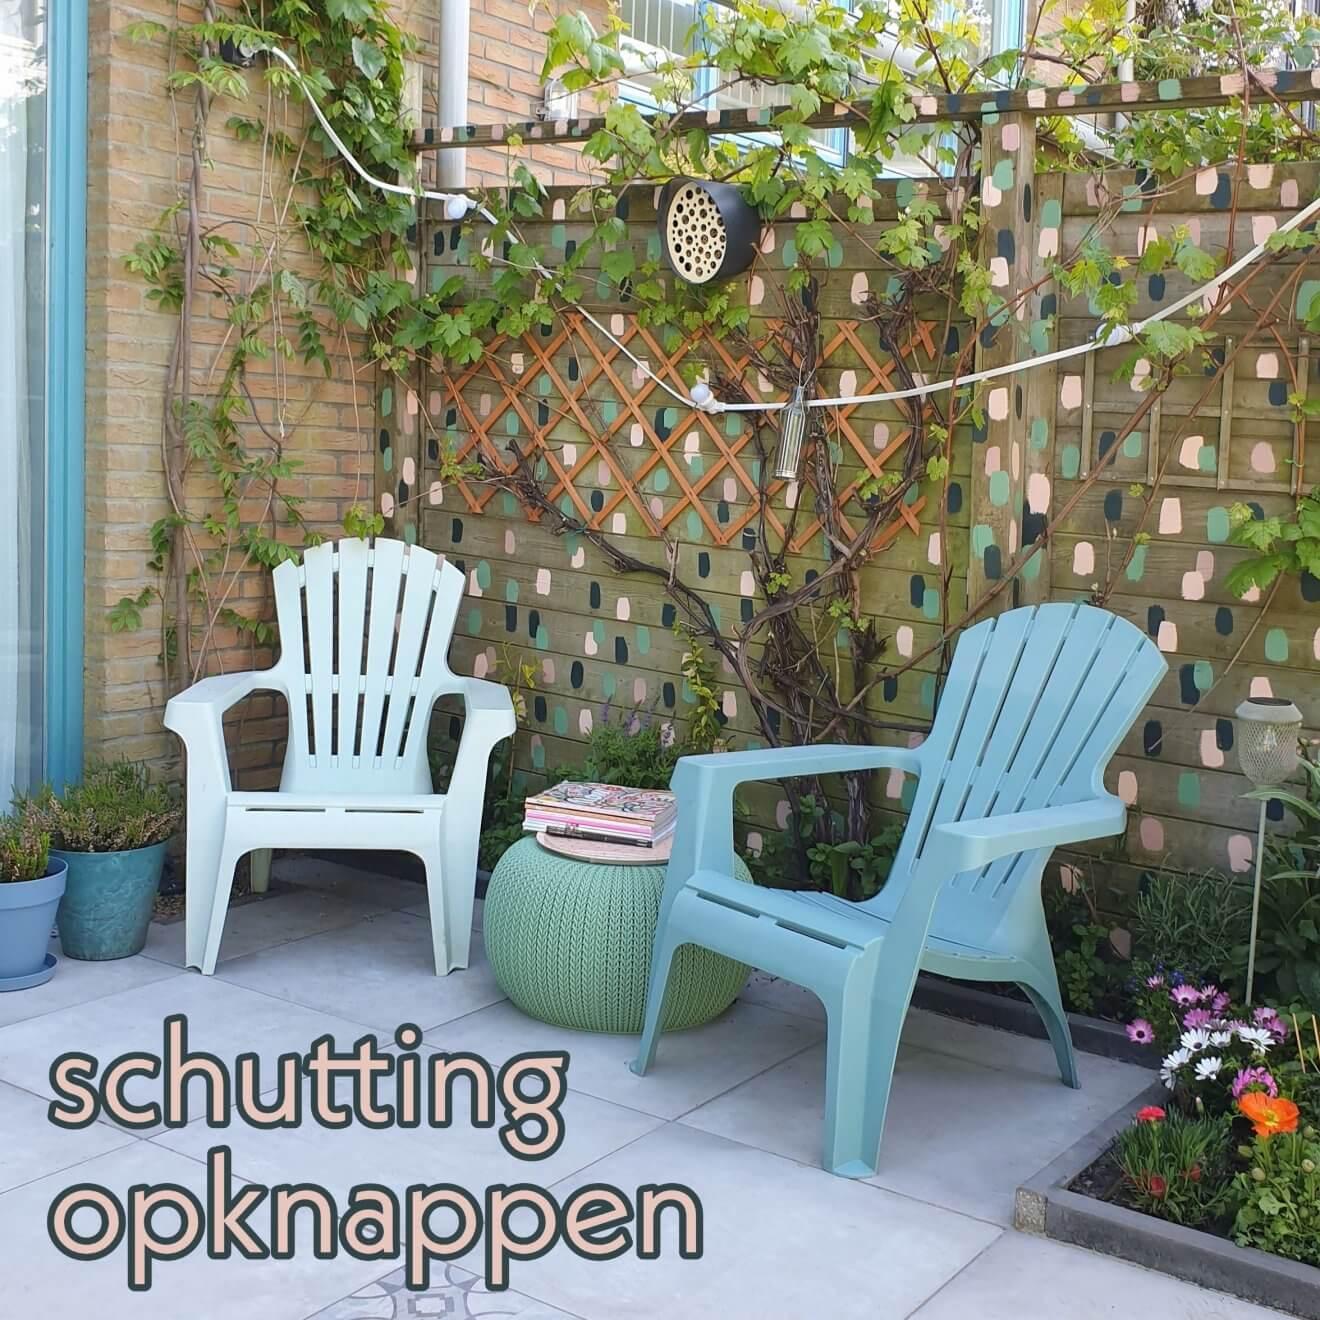 Houten schutting verven en opknappen: een kleurrijke blikvanger in de tuin